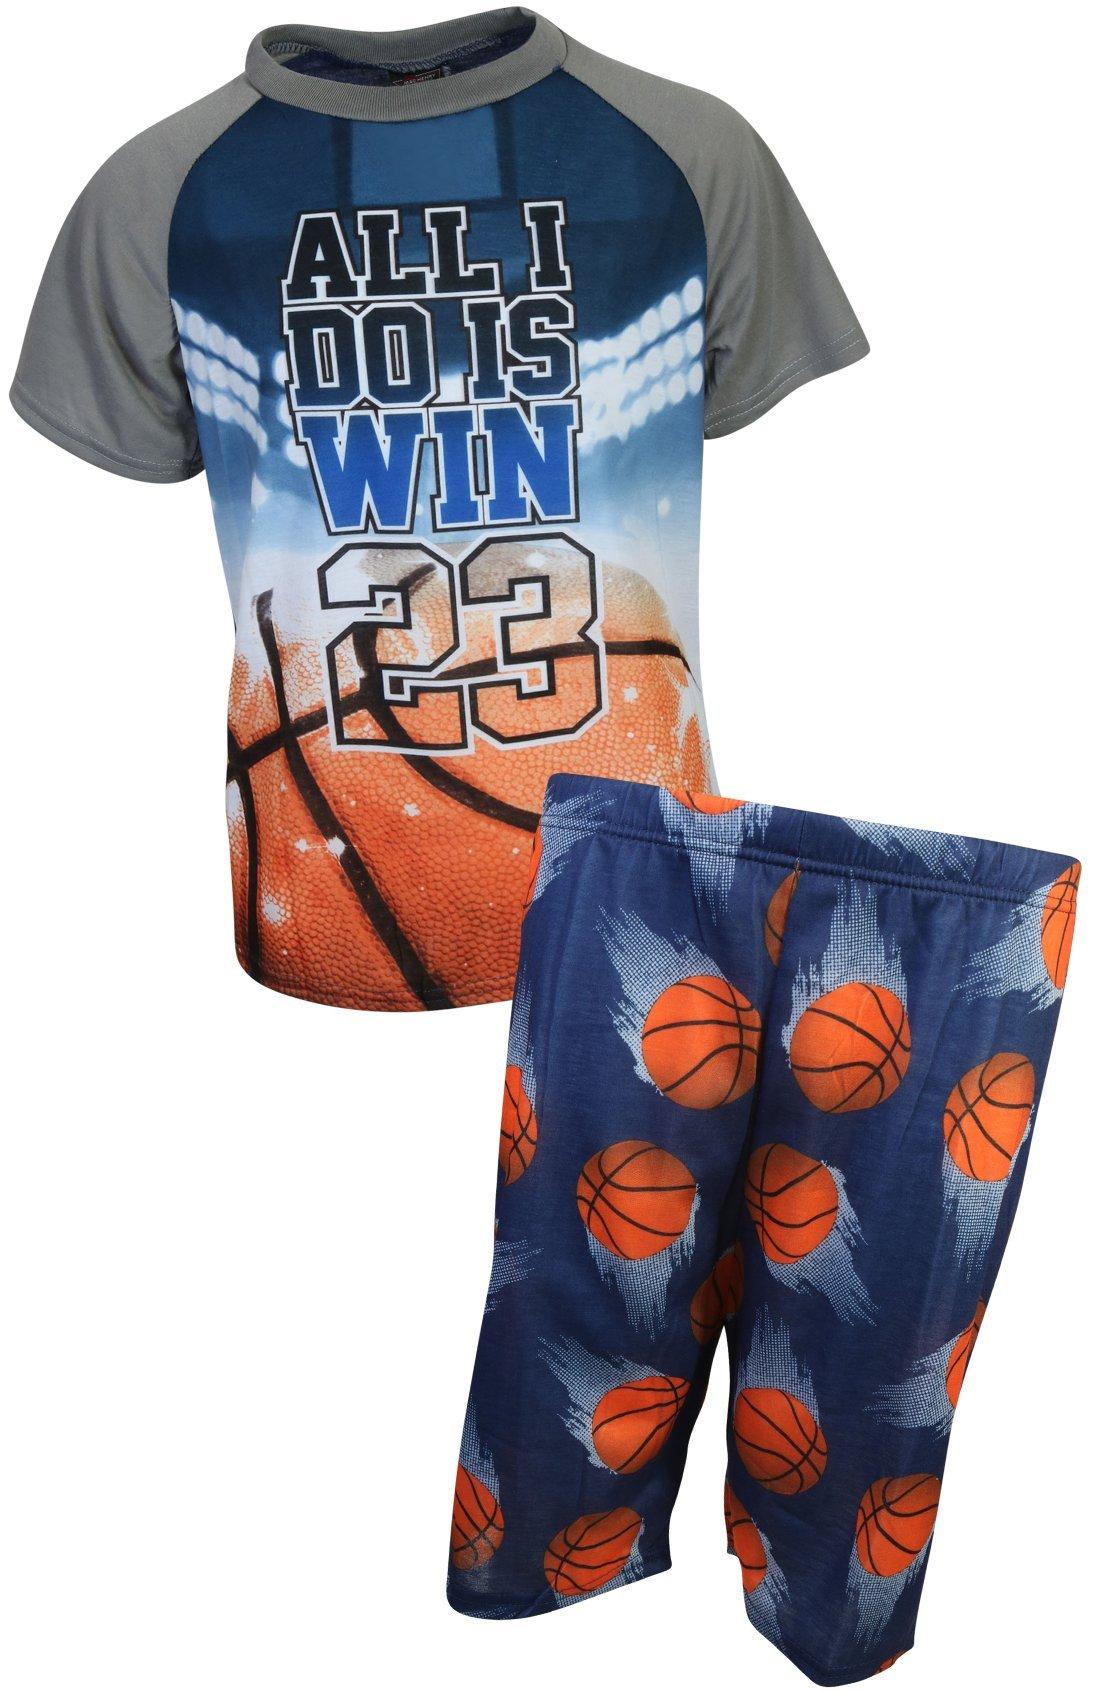 MAC HENRY Boys Sublimation Pajama Short Set, Blue Basketball, Size 8/10